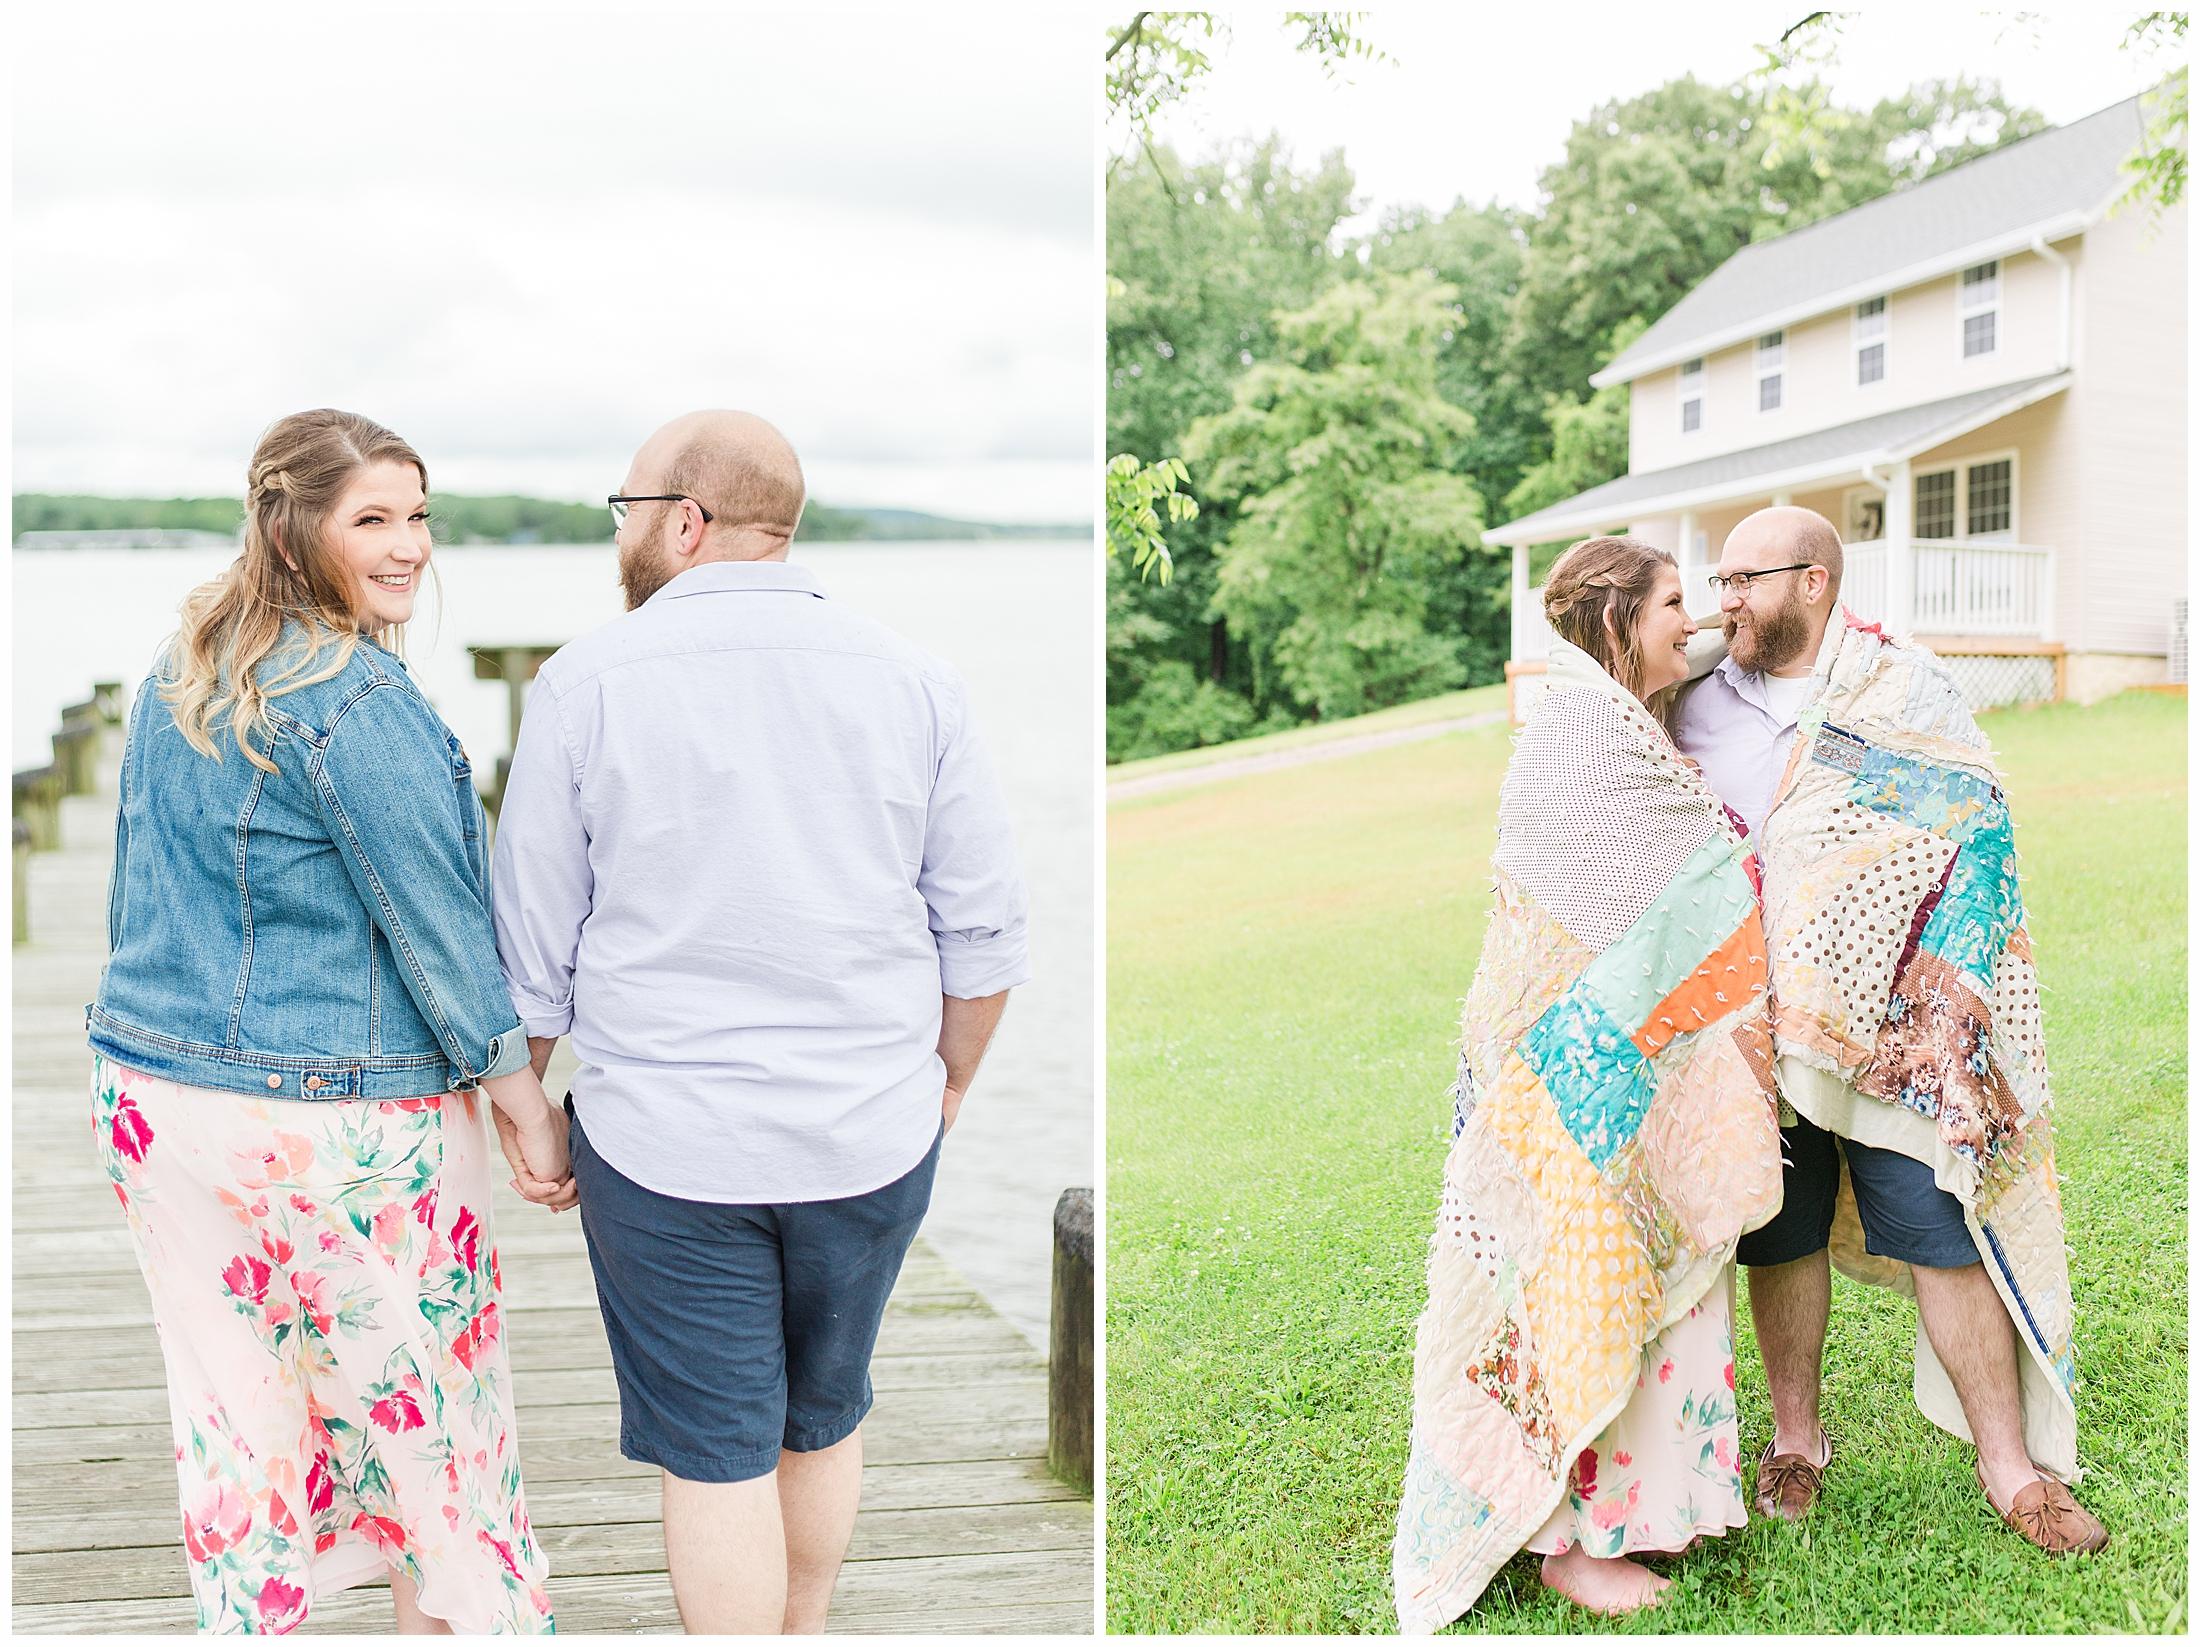 chesapeake-bay-engagement-photographer14.jpg